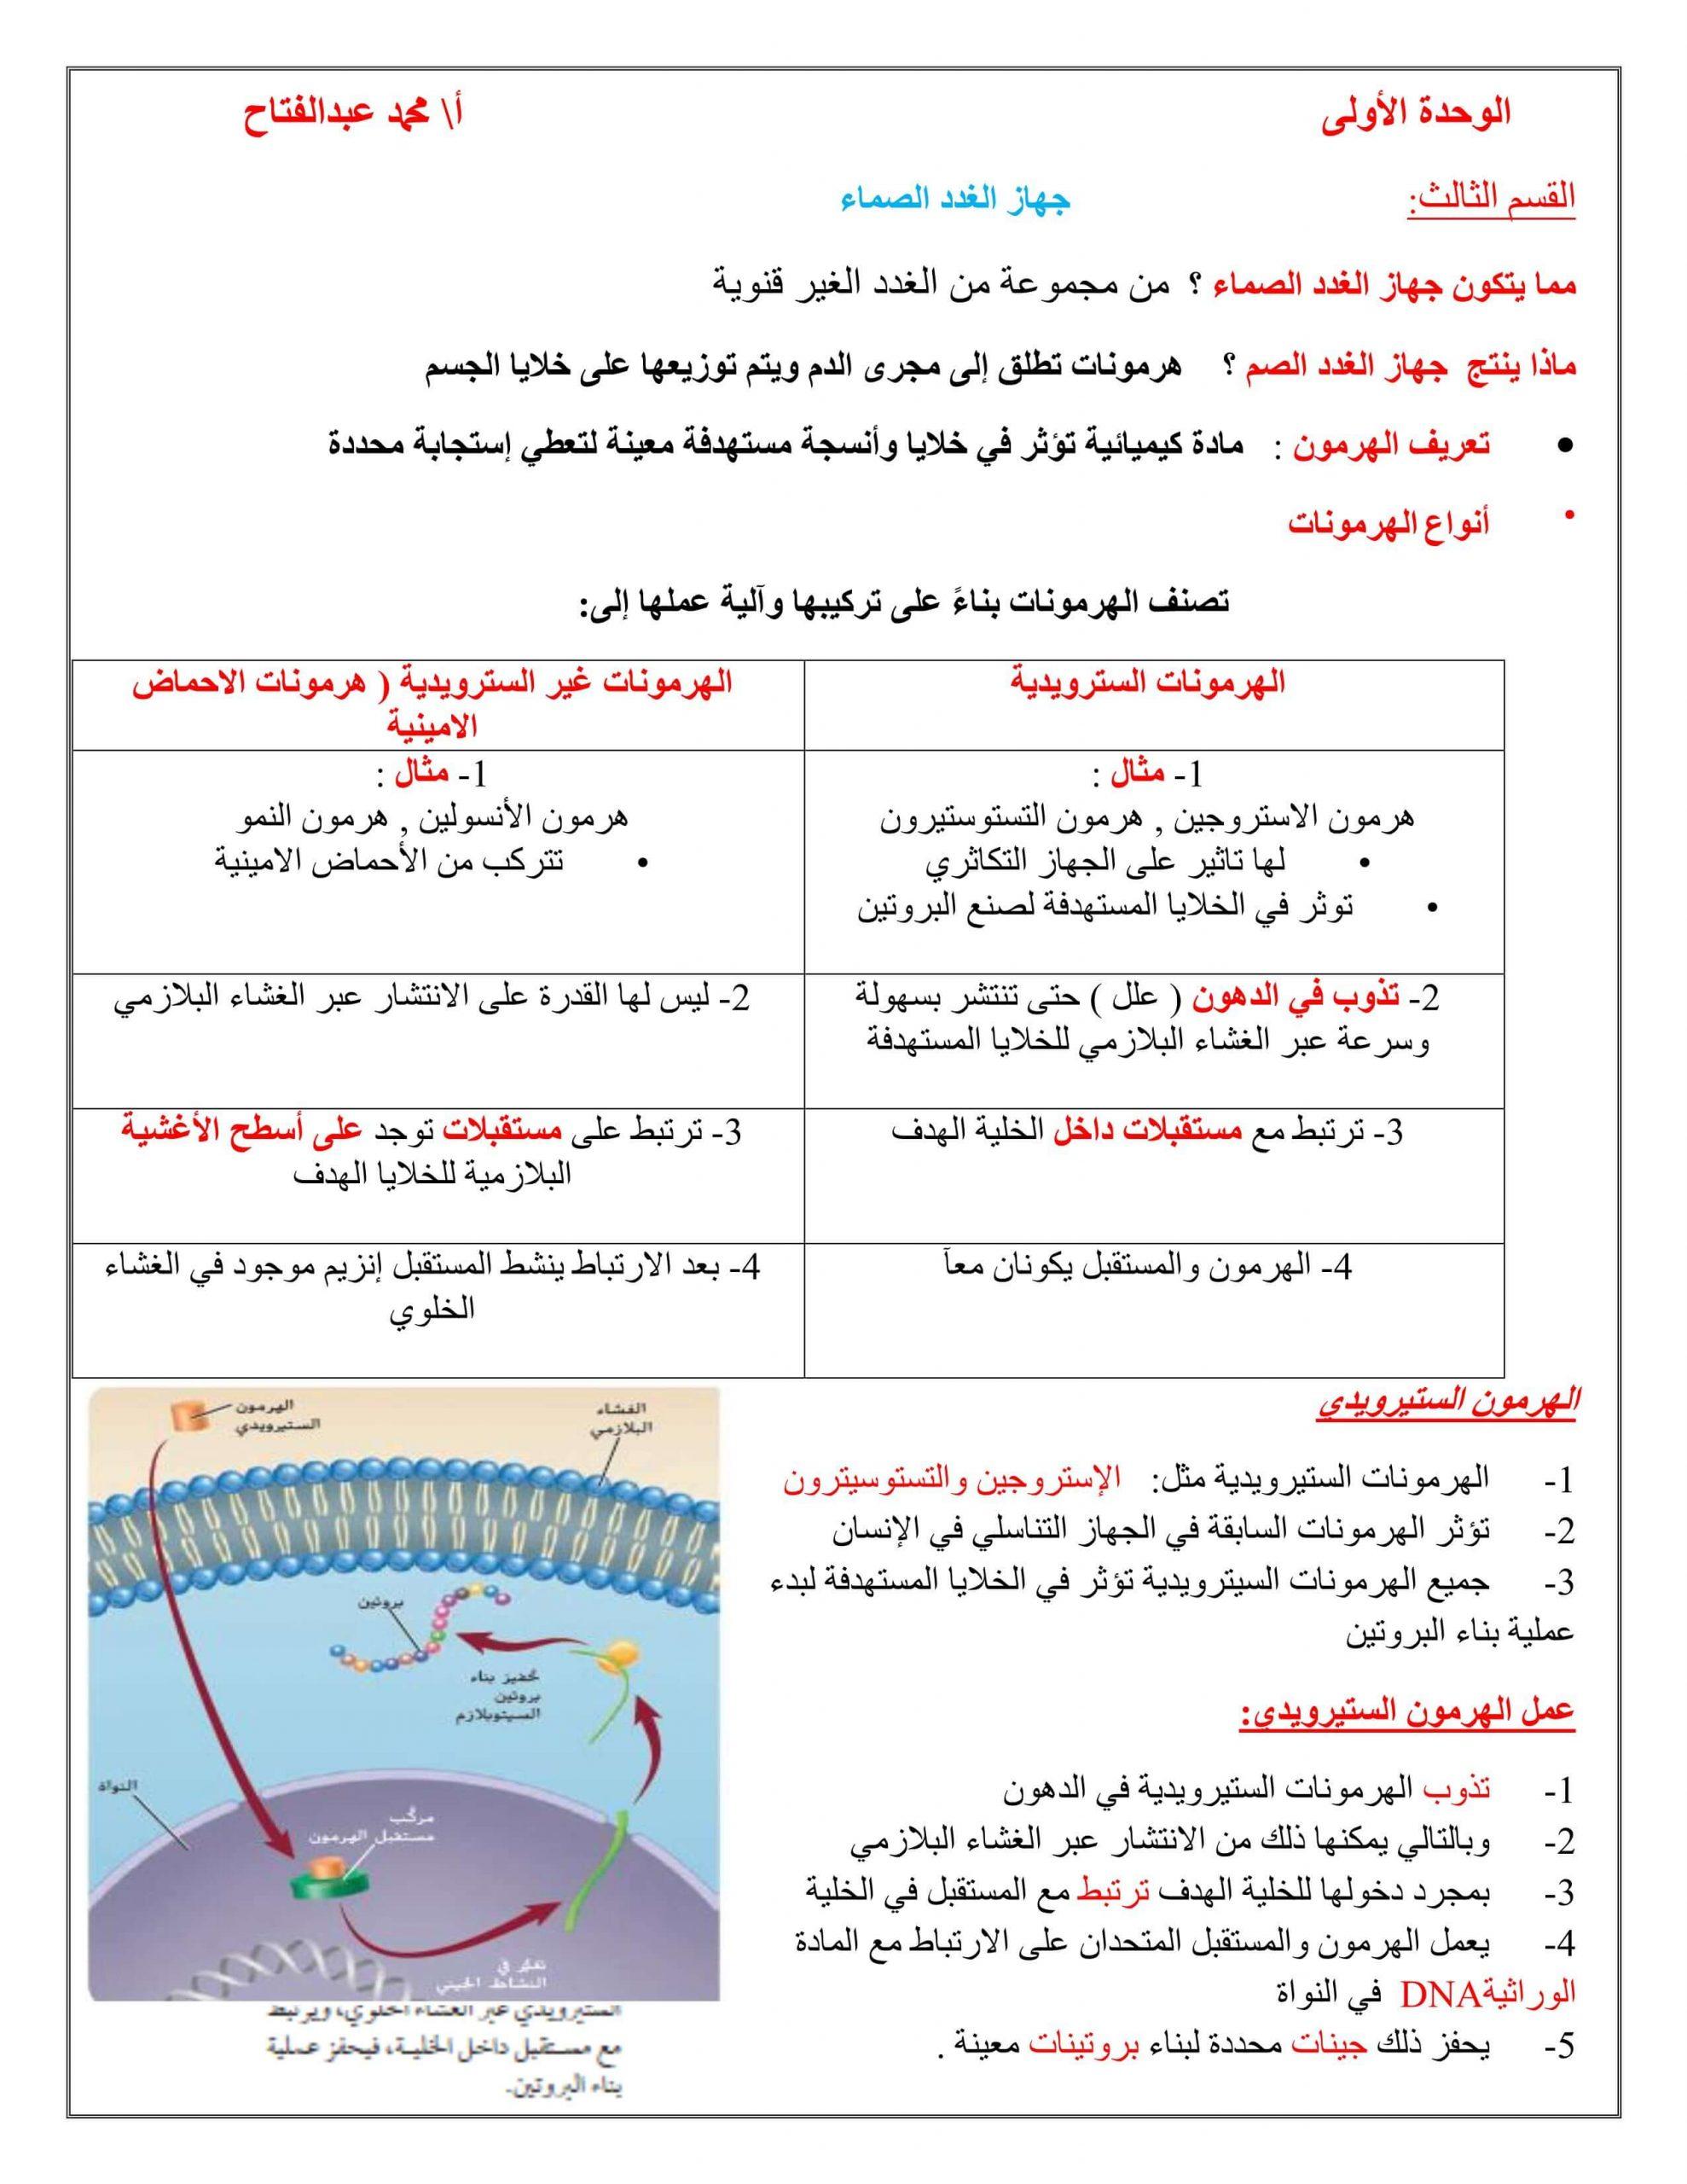 ملخص جهاز الغدد الصماء الصف الثاني عشر عام مادة الاحياء